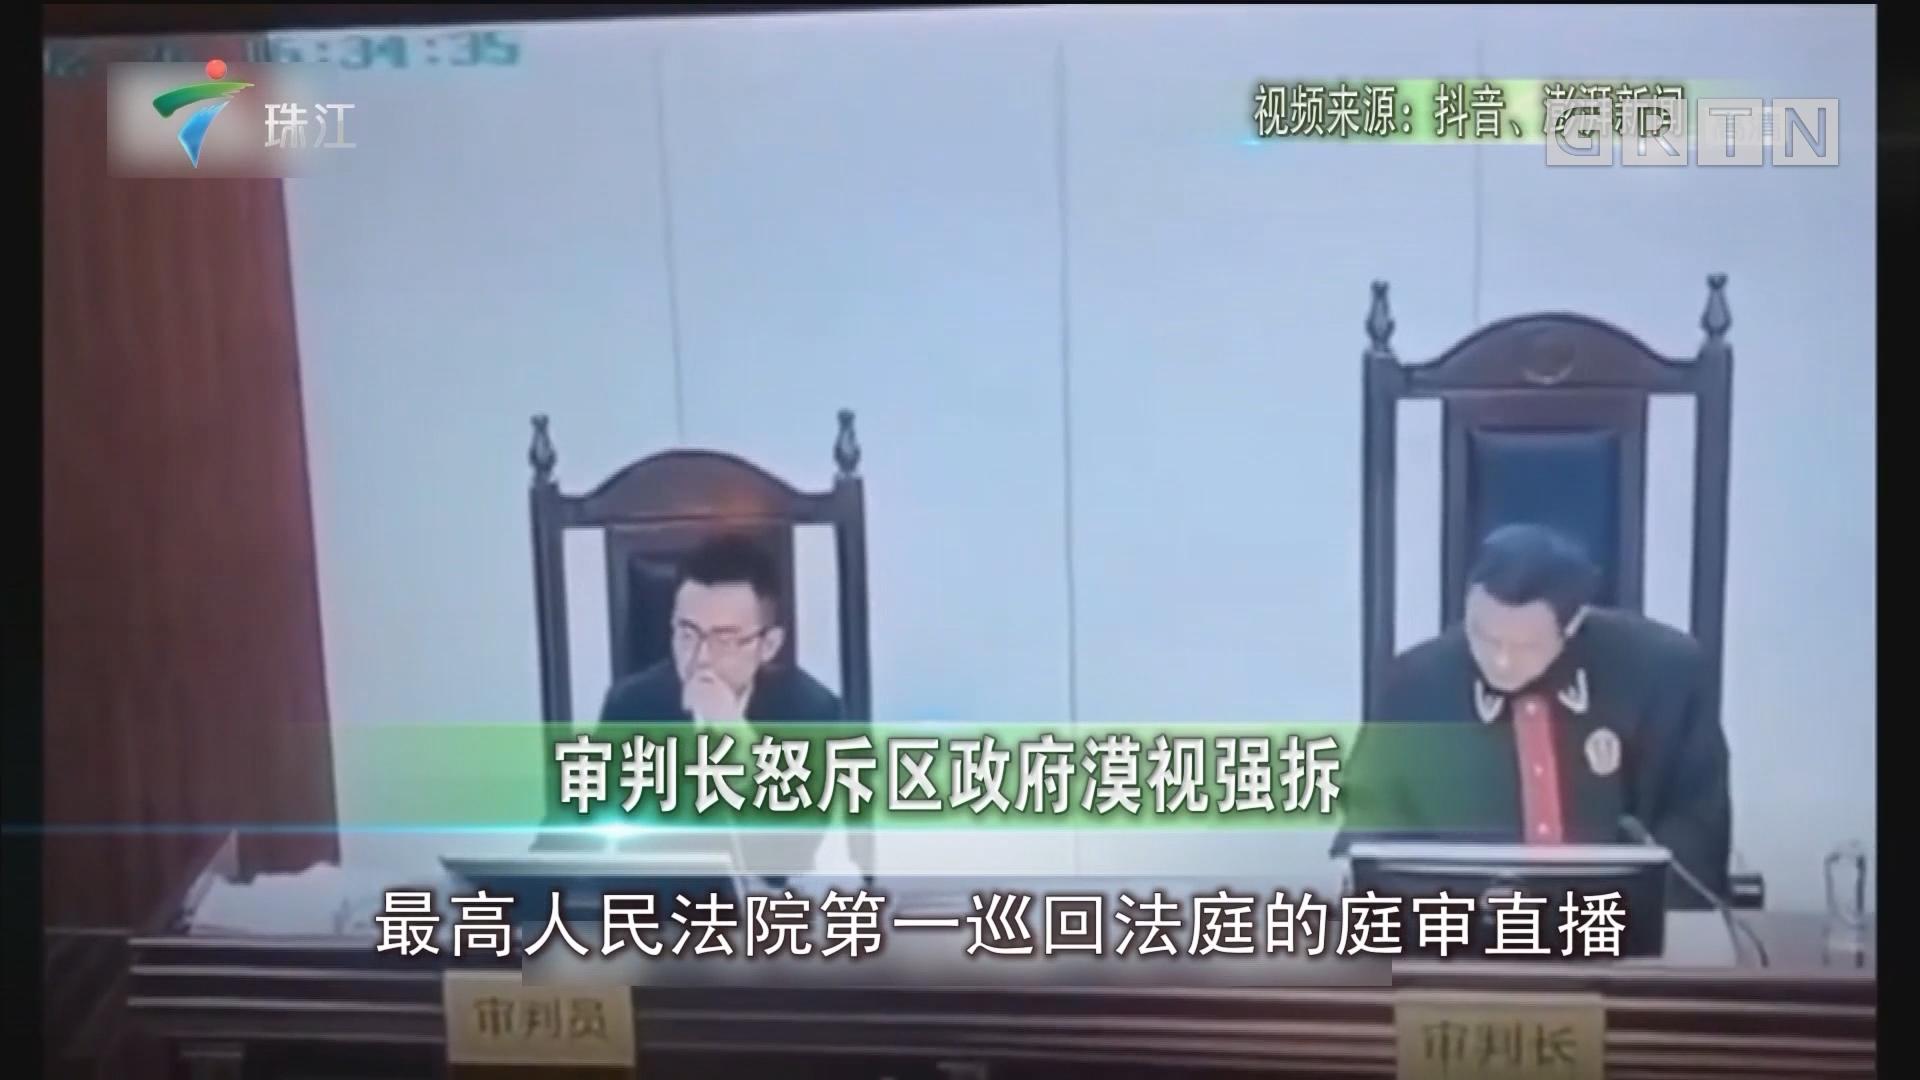 审判长怒斥区政府漠视强拆